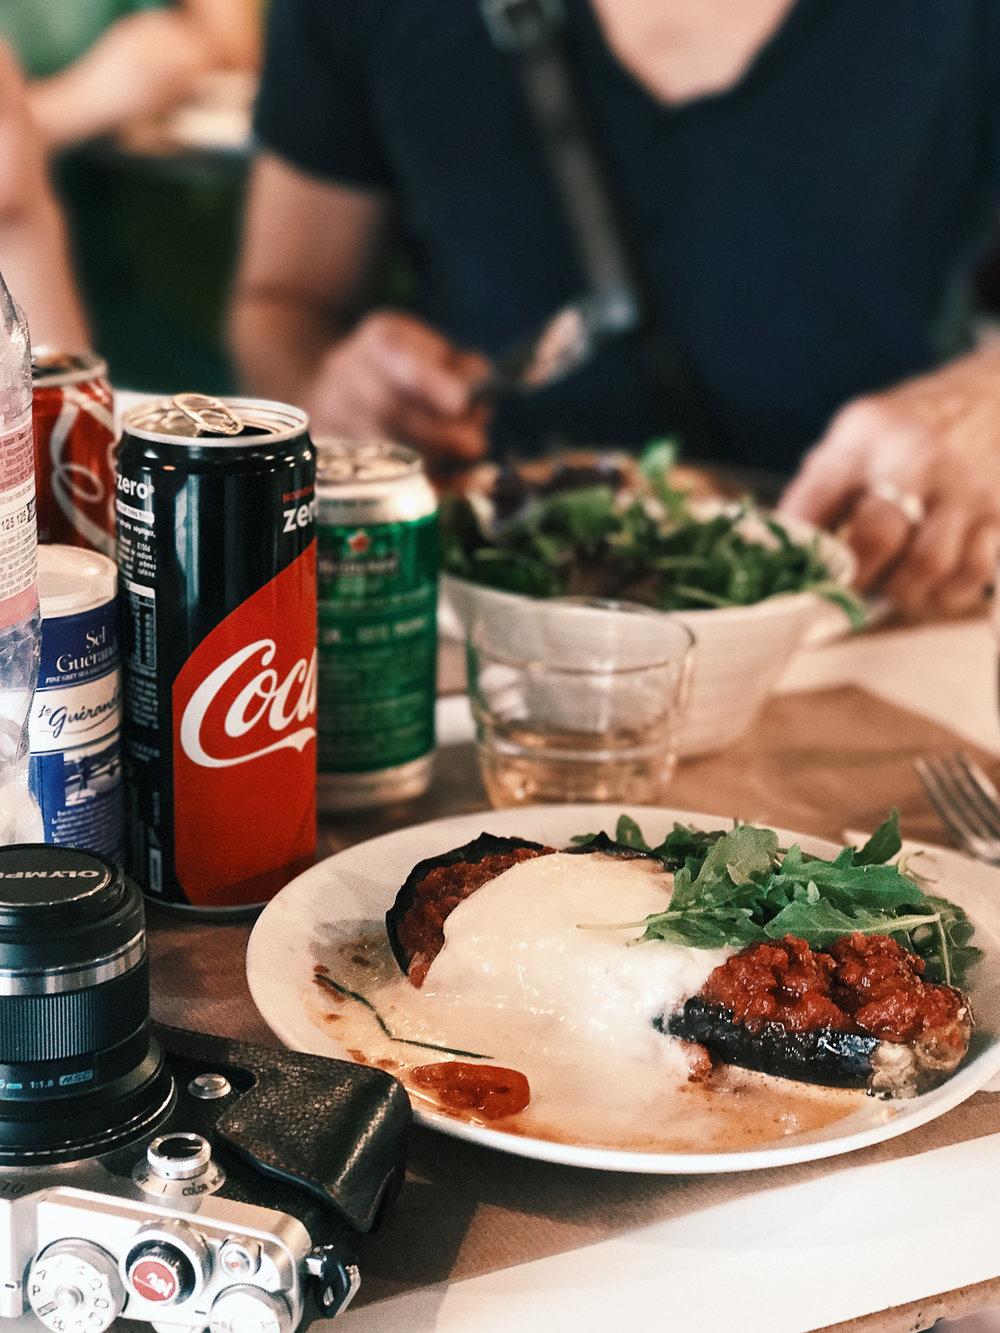 拍攝時拉開與被拍攝物之間的距離,也刻意讓用餐者呈為背景,畫面會更有故事性。